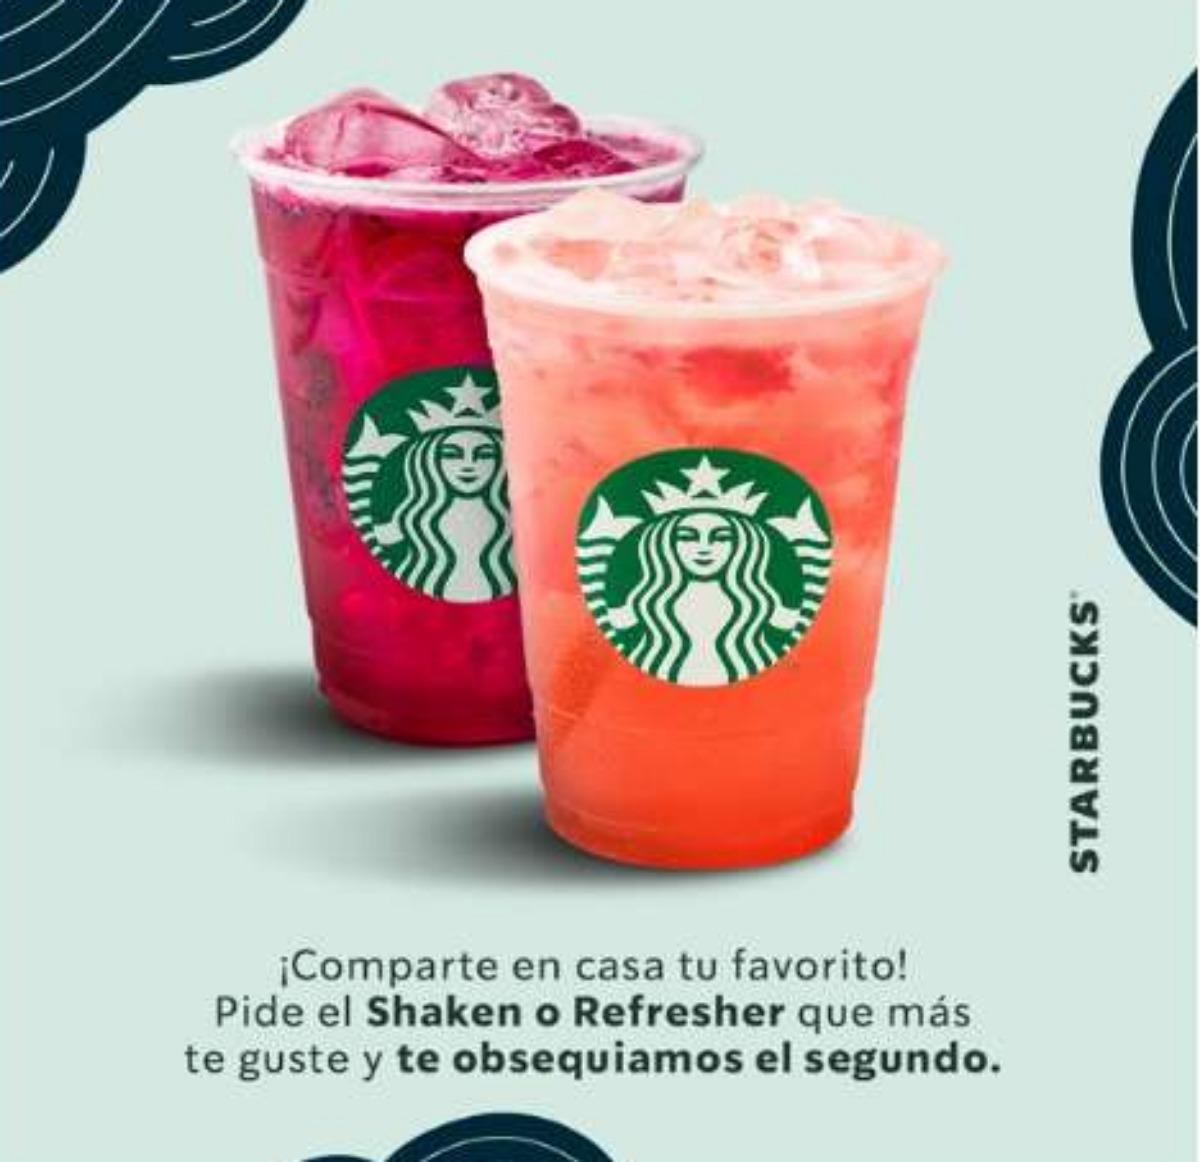 Starbucks: 2X1 Shakens y Refreshers del 25 al 31 de enero 2021